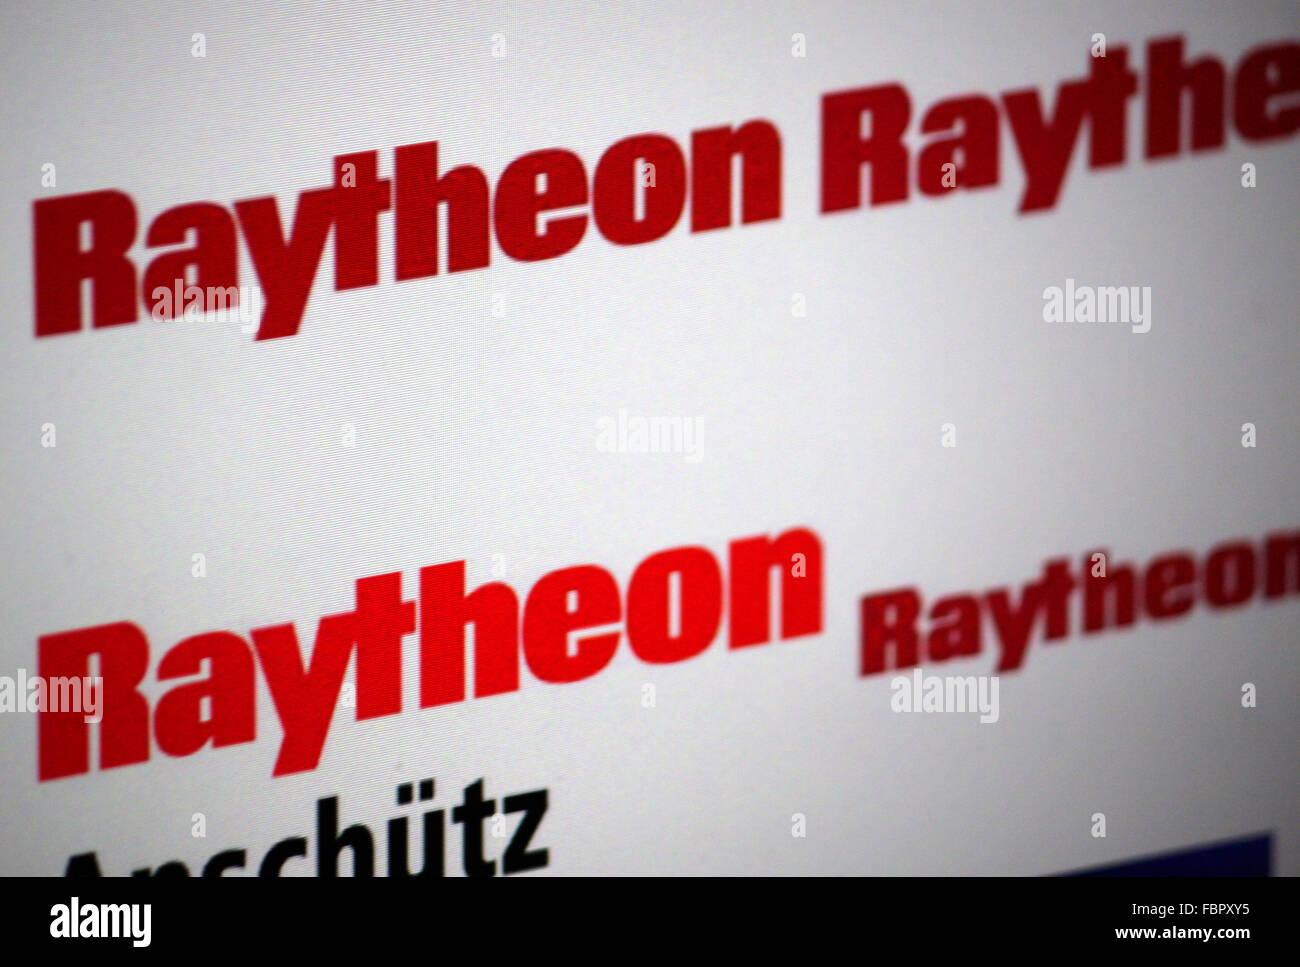 Markenname: 'Raytheon'. - Stock Image